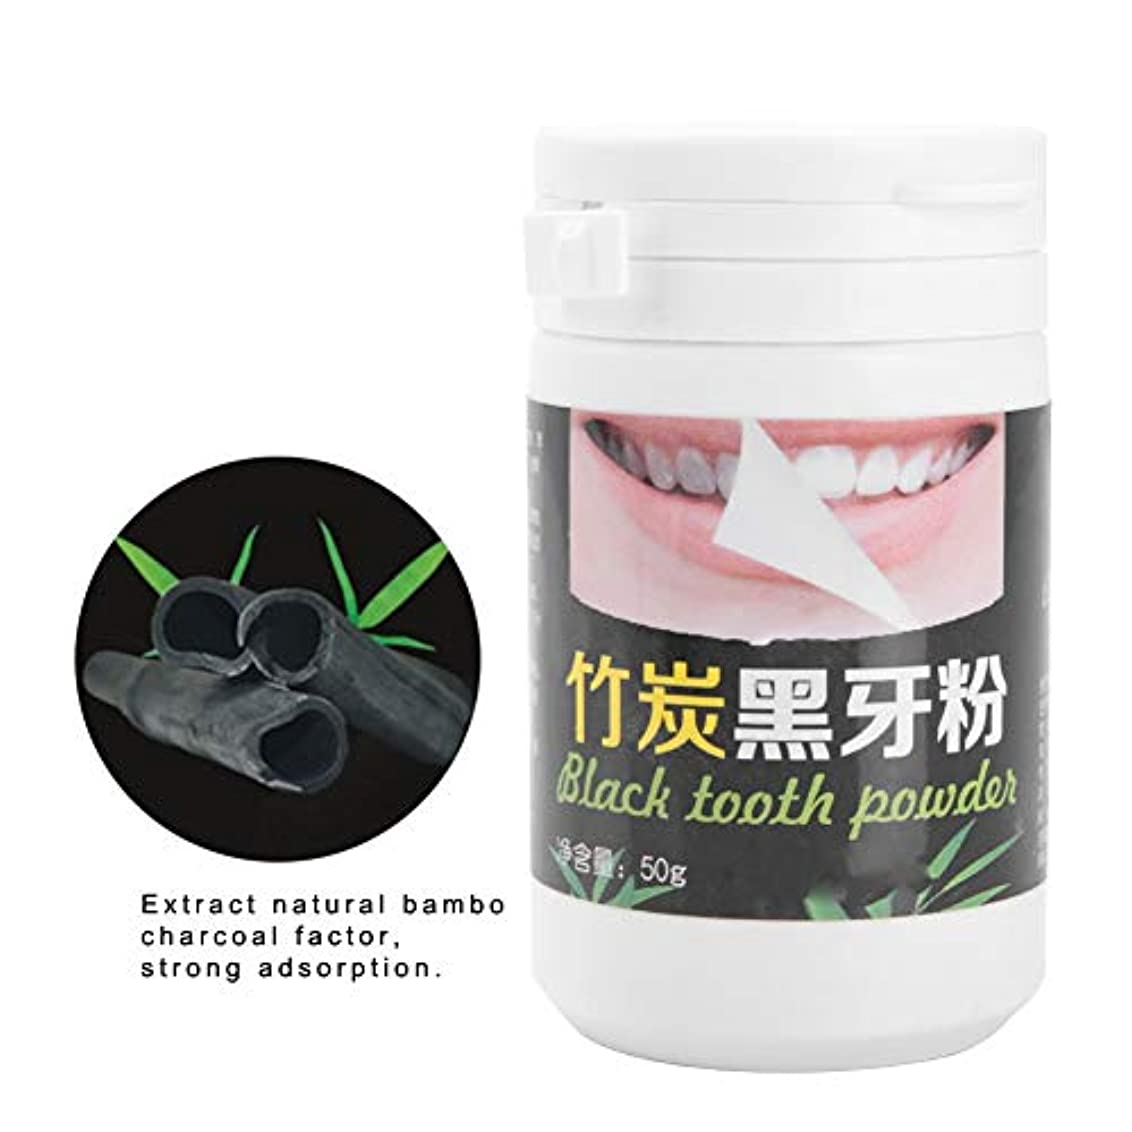 逃すにんじんマッシュ歯の手入れをする有効な汚れの除去剤 - 汚れの除去剤の粉を白くする口腔歯の心配の自然な活動化させた木炭粉